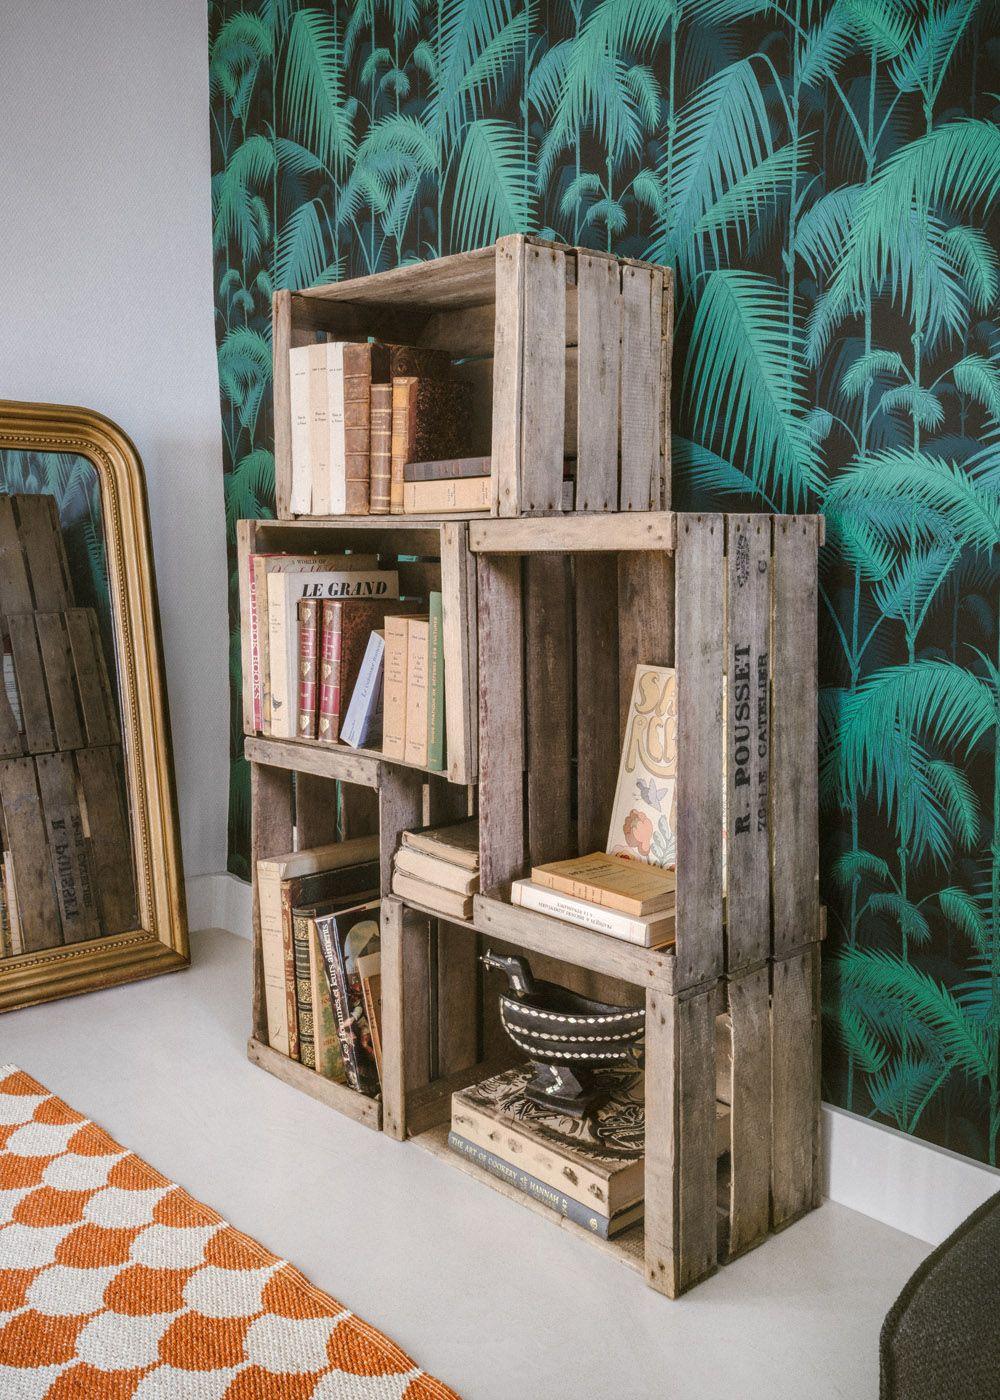 Home - rangement caisses à pommes - wooden crate - wallpaper Palm Jungle - Cole & Son